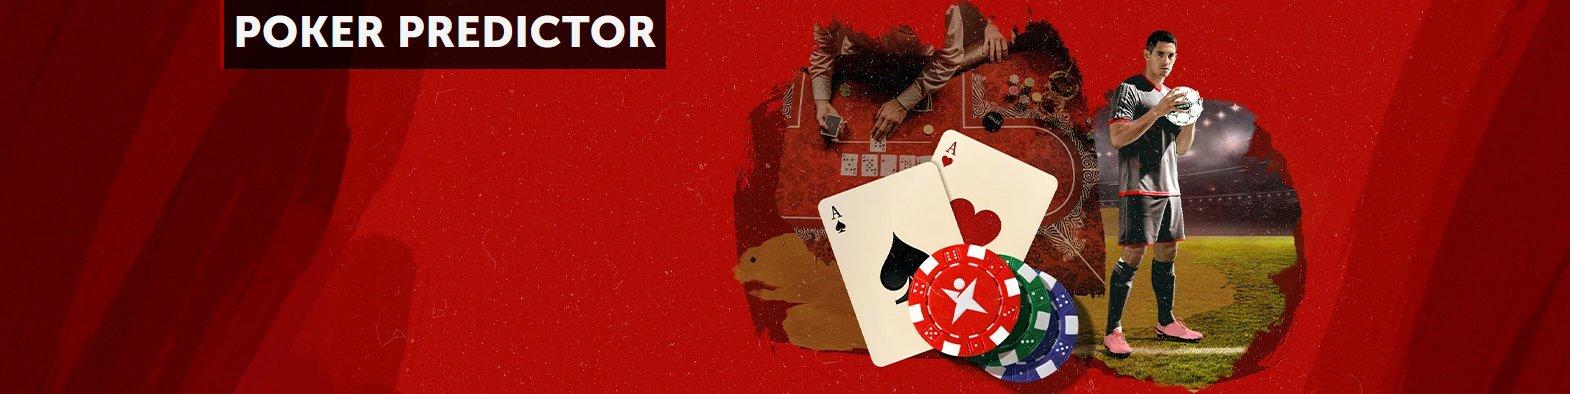 Betsafe Poker Predictor